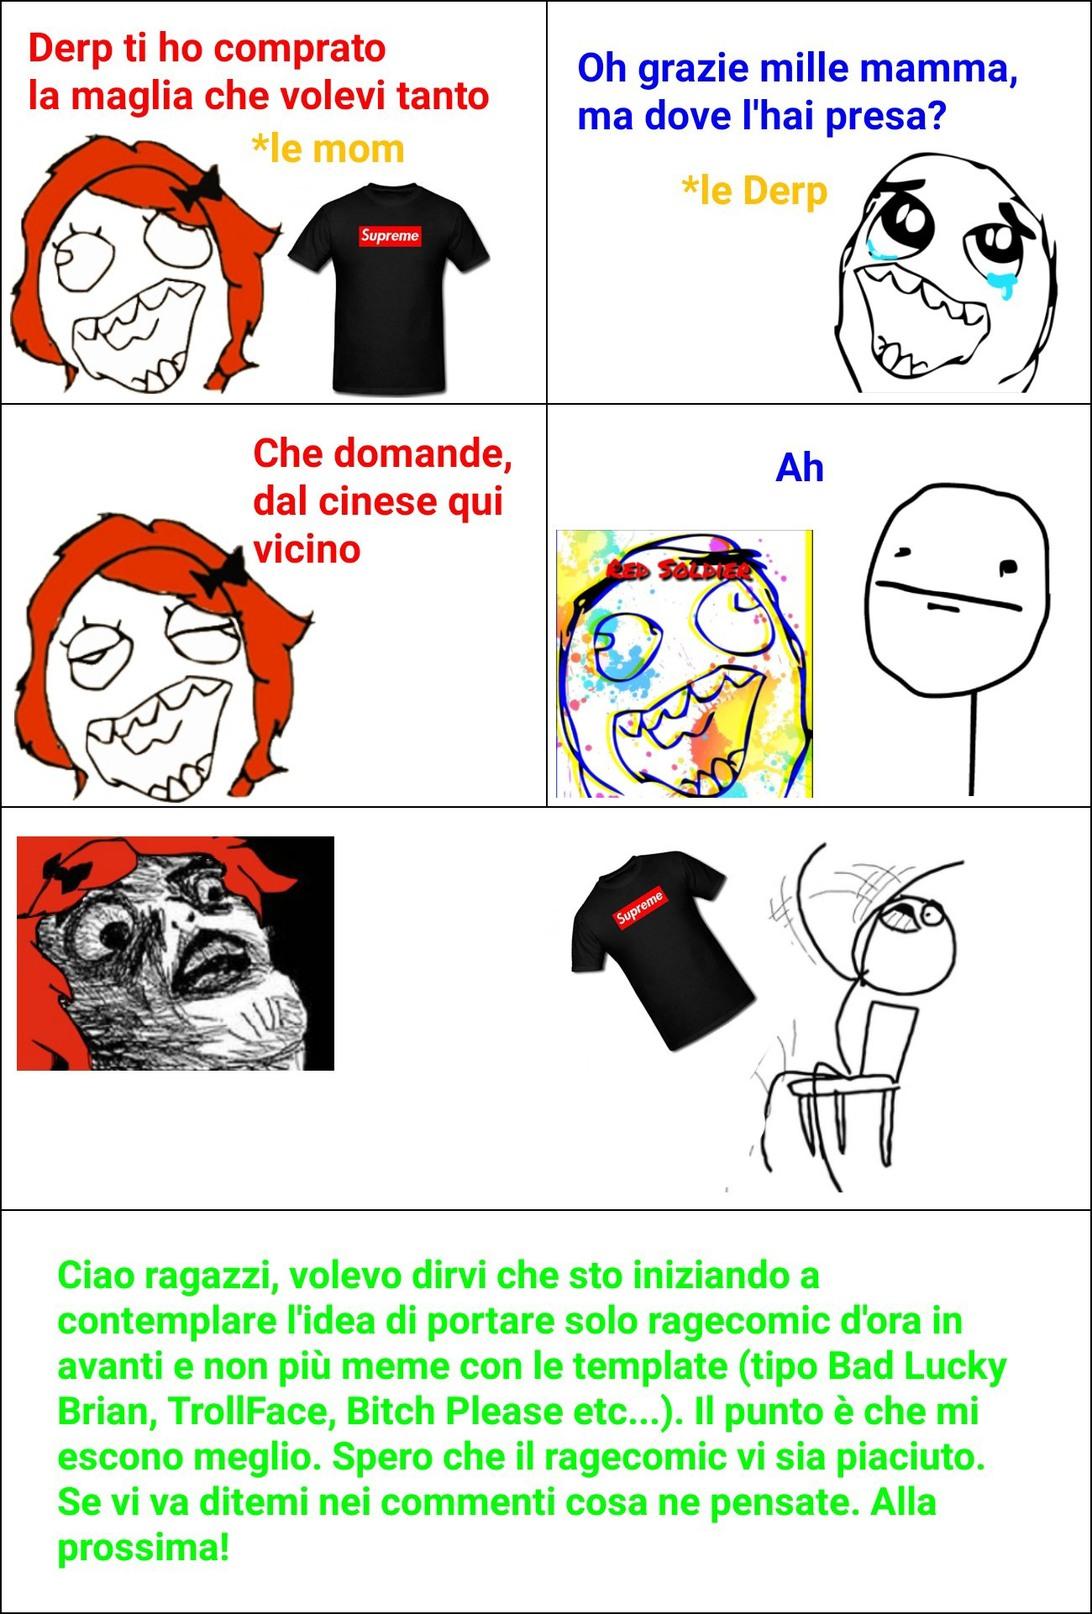 Maglietta tarocca: over 9000 - meme